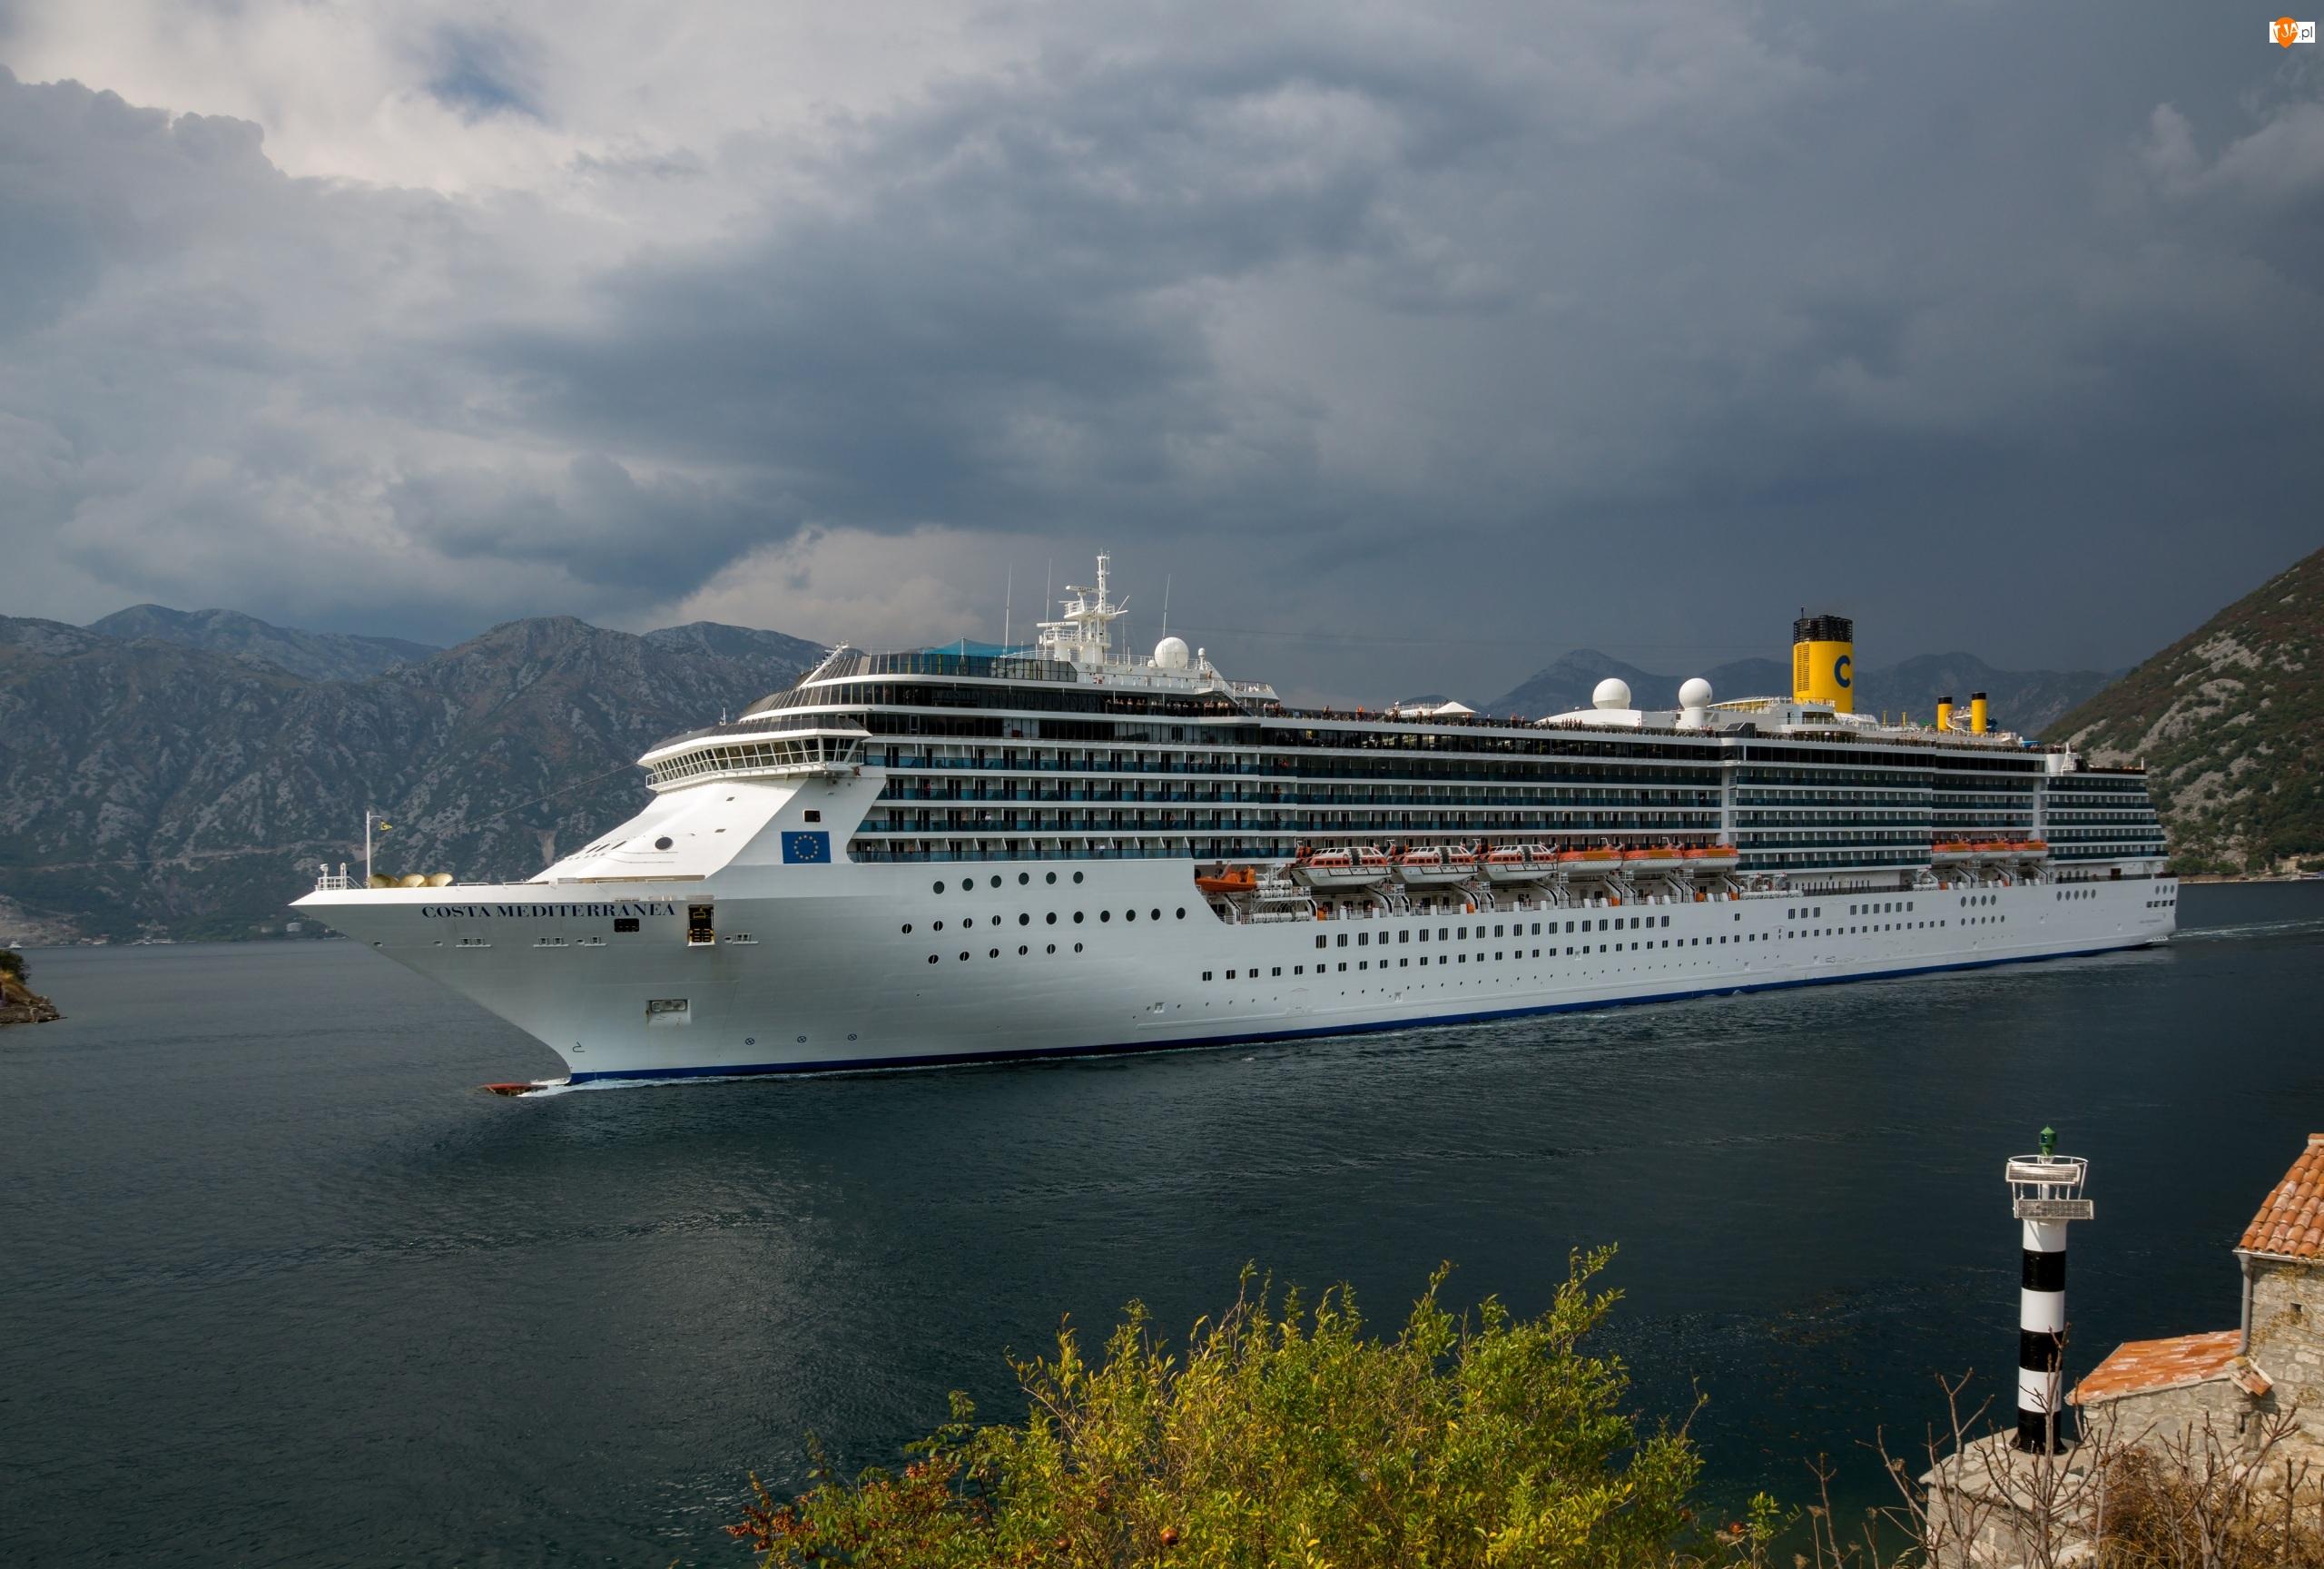 Costa Mediterranea, Włoski, Pasażerski, Statek, Wycieczkowy